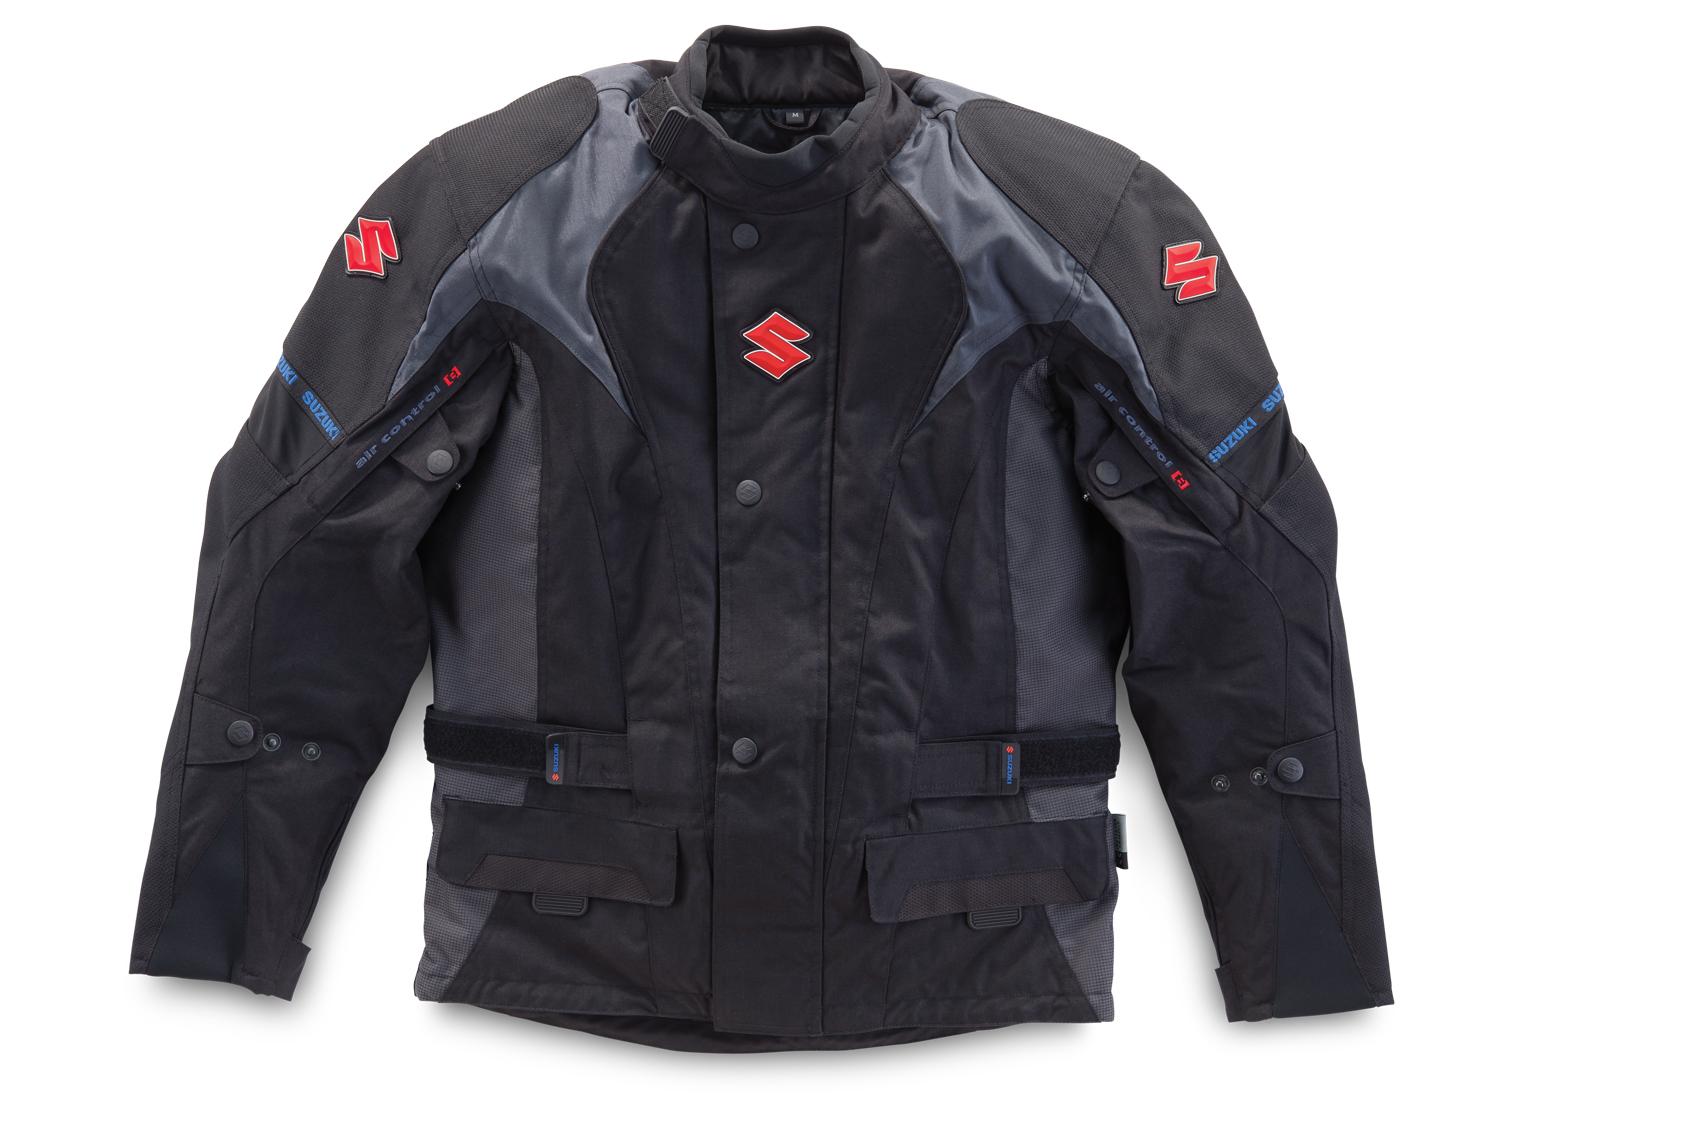 Suzuki Motorcycle Jackets For Men